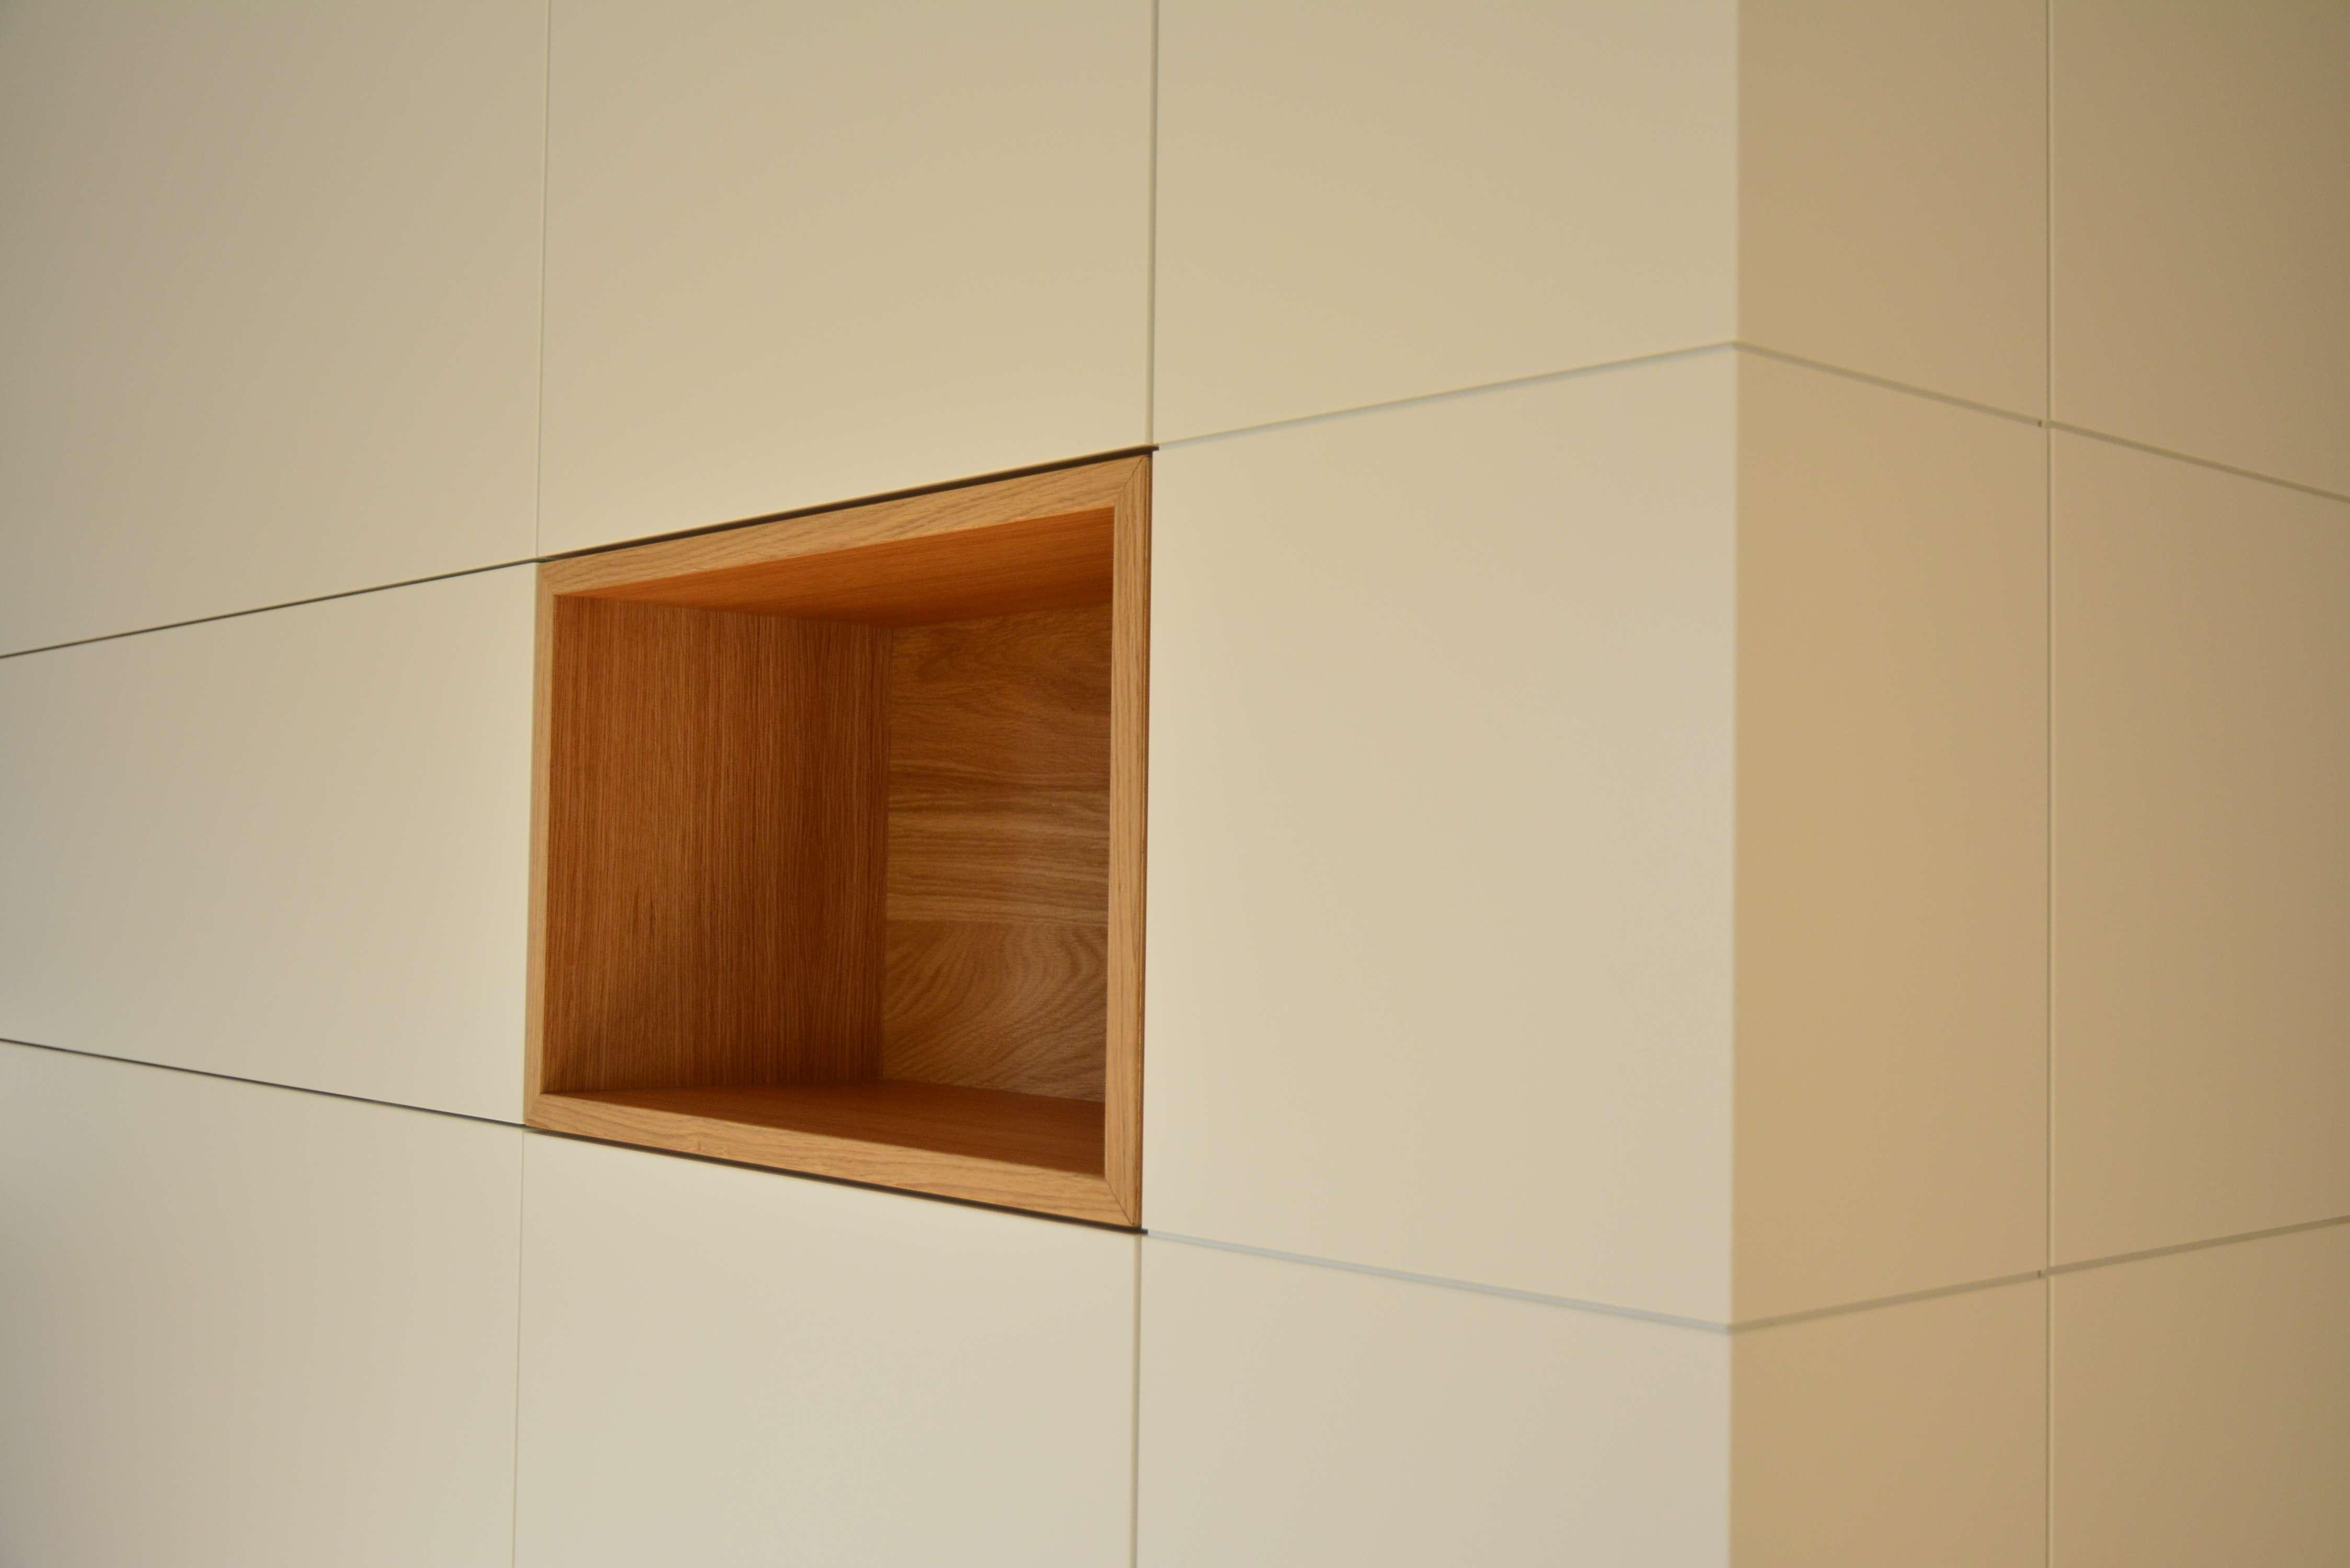 Einbauschrank in weiß mit würfelförmiger Aussparung, die mit Holz ausgebaut ist. Kubus in Möbel integriert.